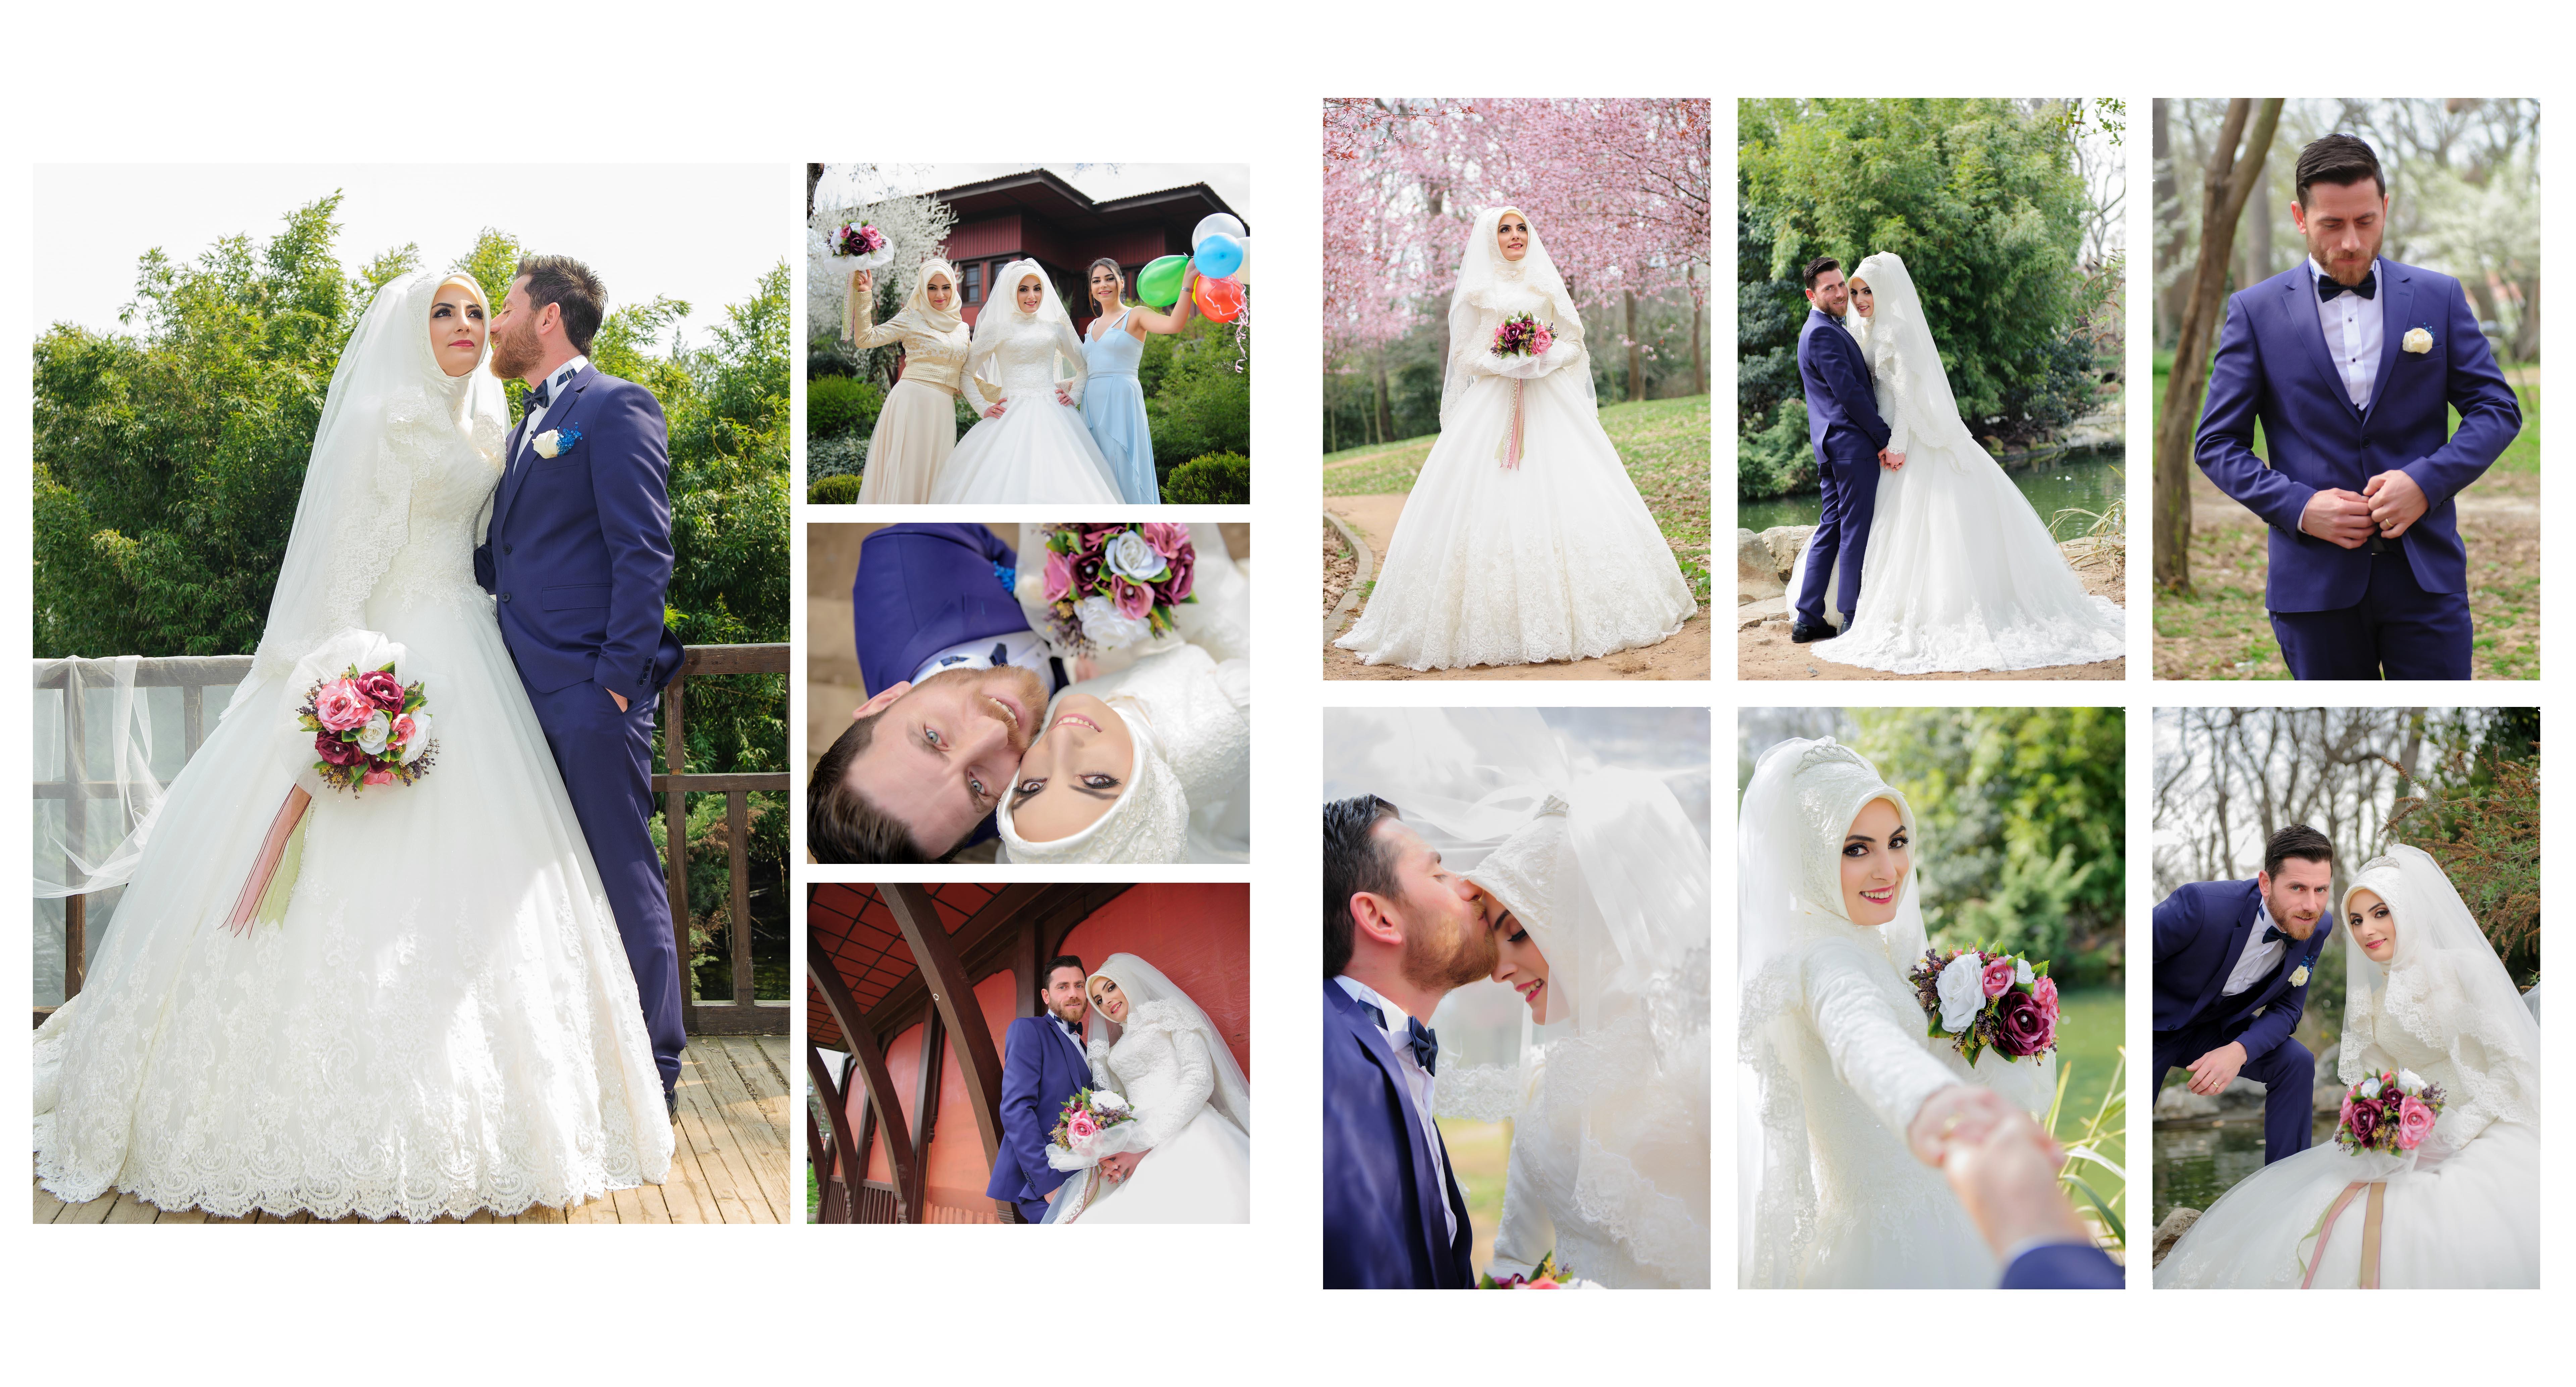 küçük çamlıca korusu - K      k   aml  ca Korusu D      n - Küçük Çamlıca Korusu Düğün Fotoğrafları Çekimi